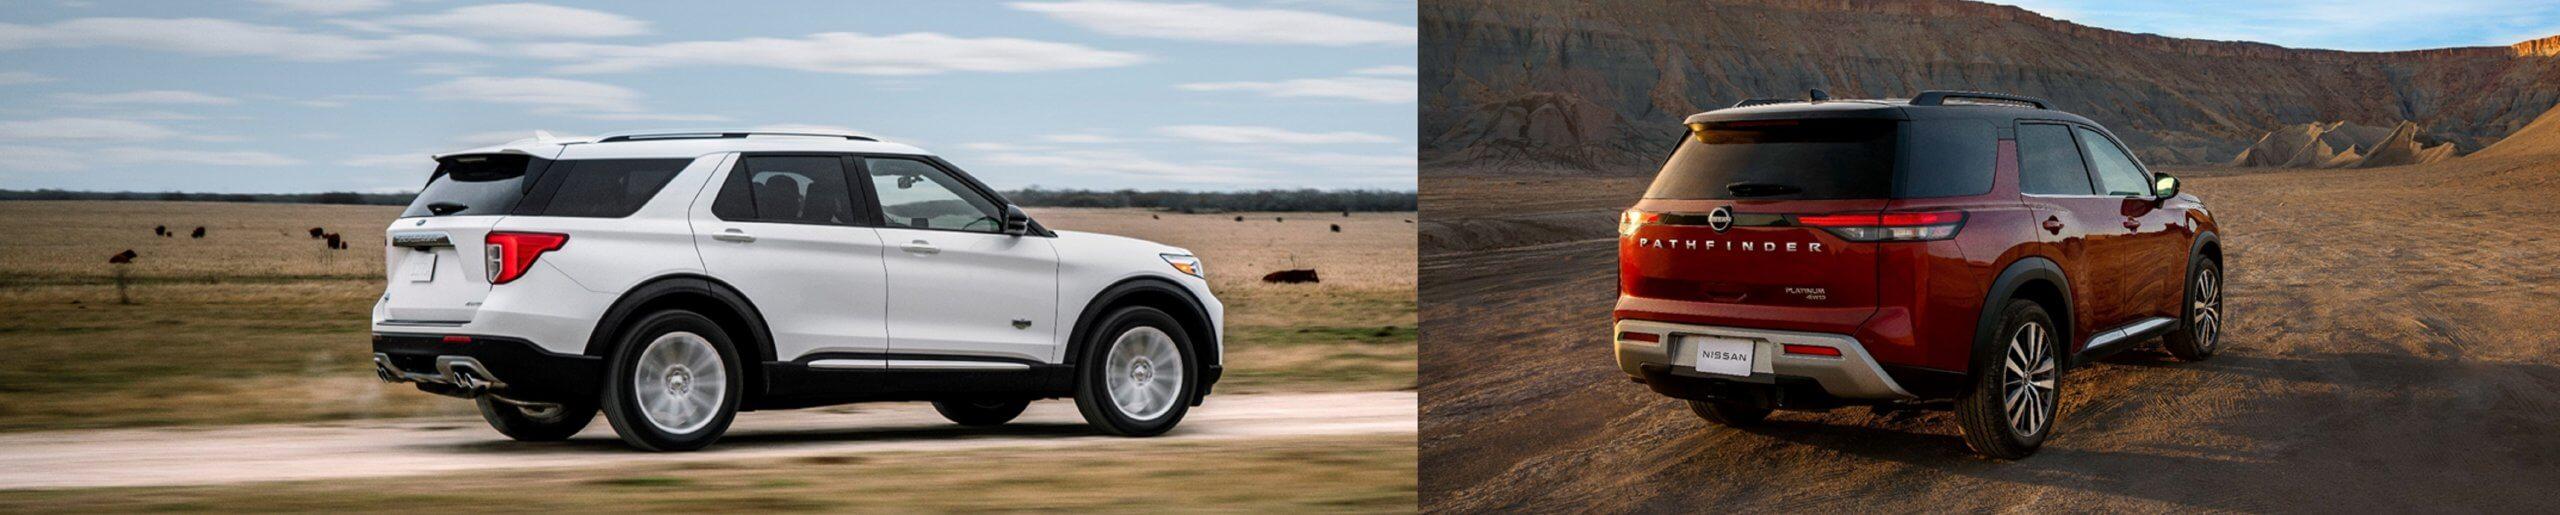 el paso Ford explorer